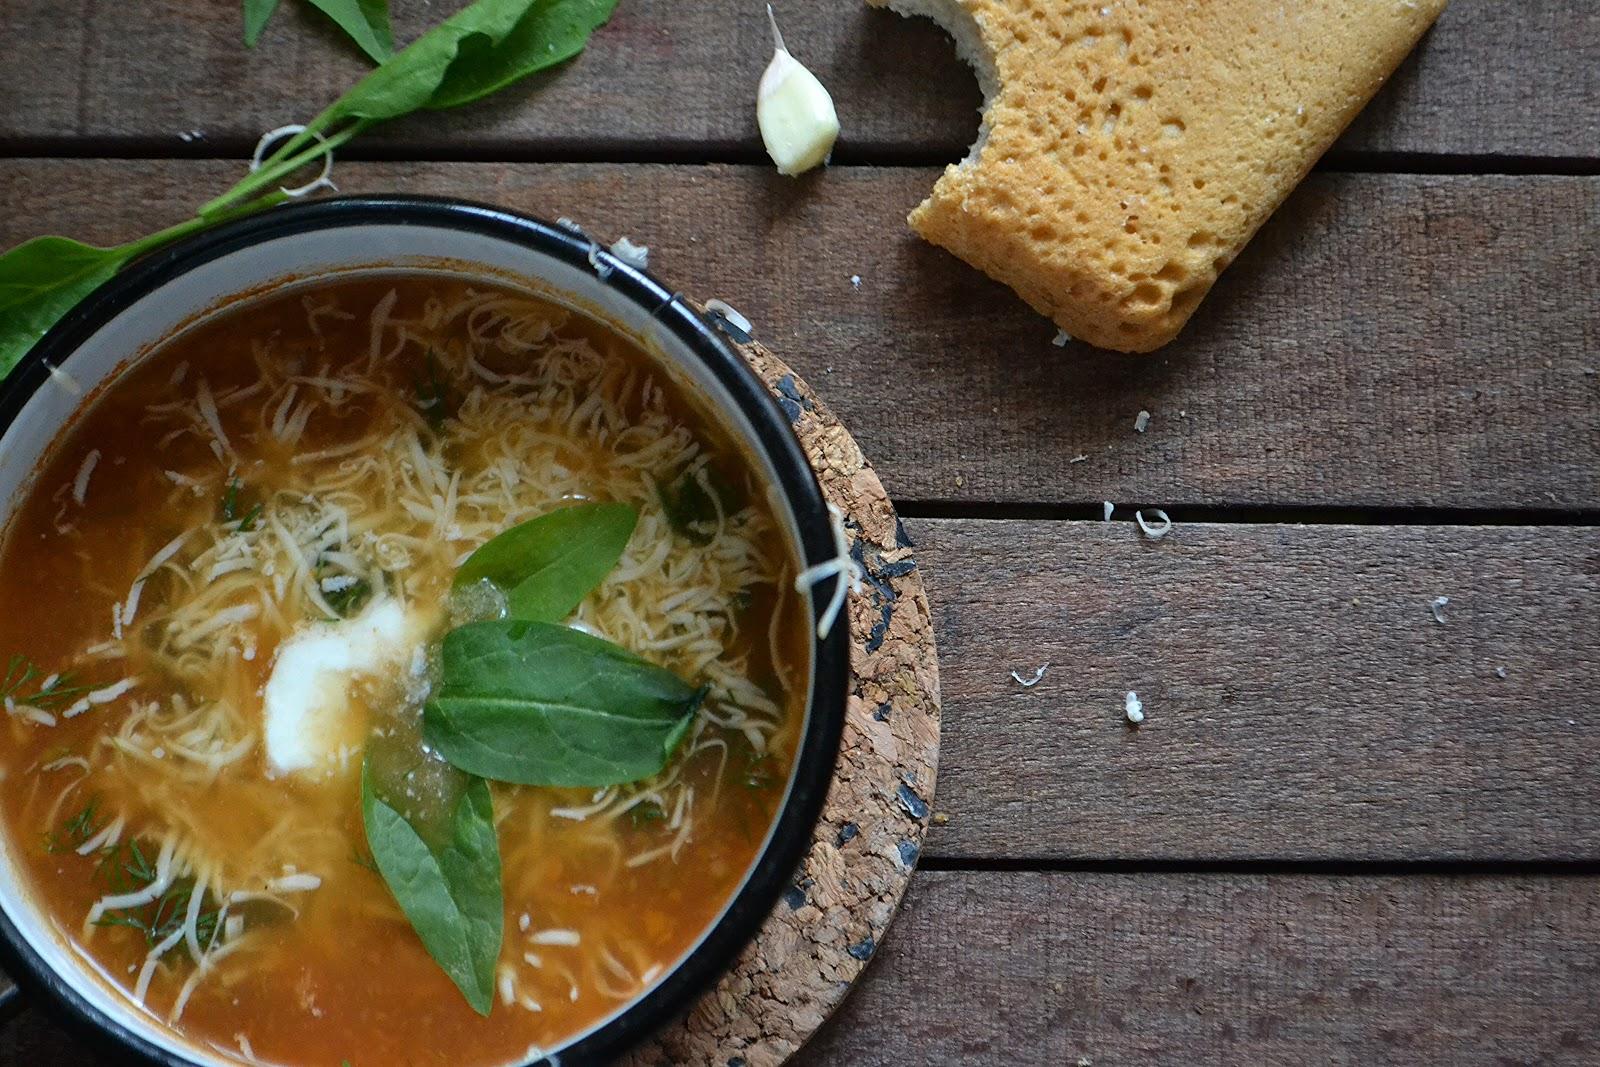 томатный суп из fridays рецепт